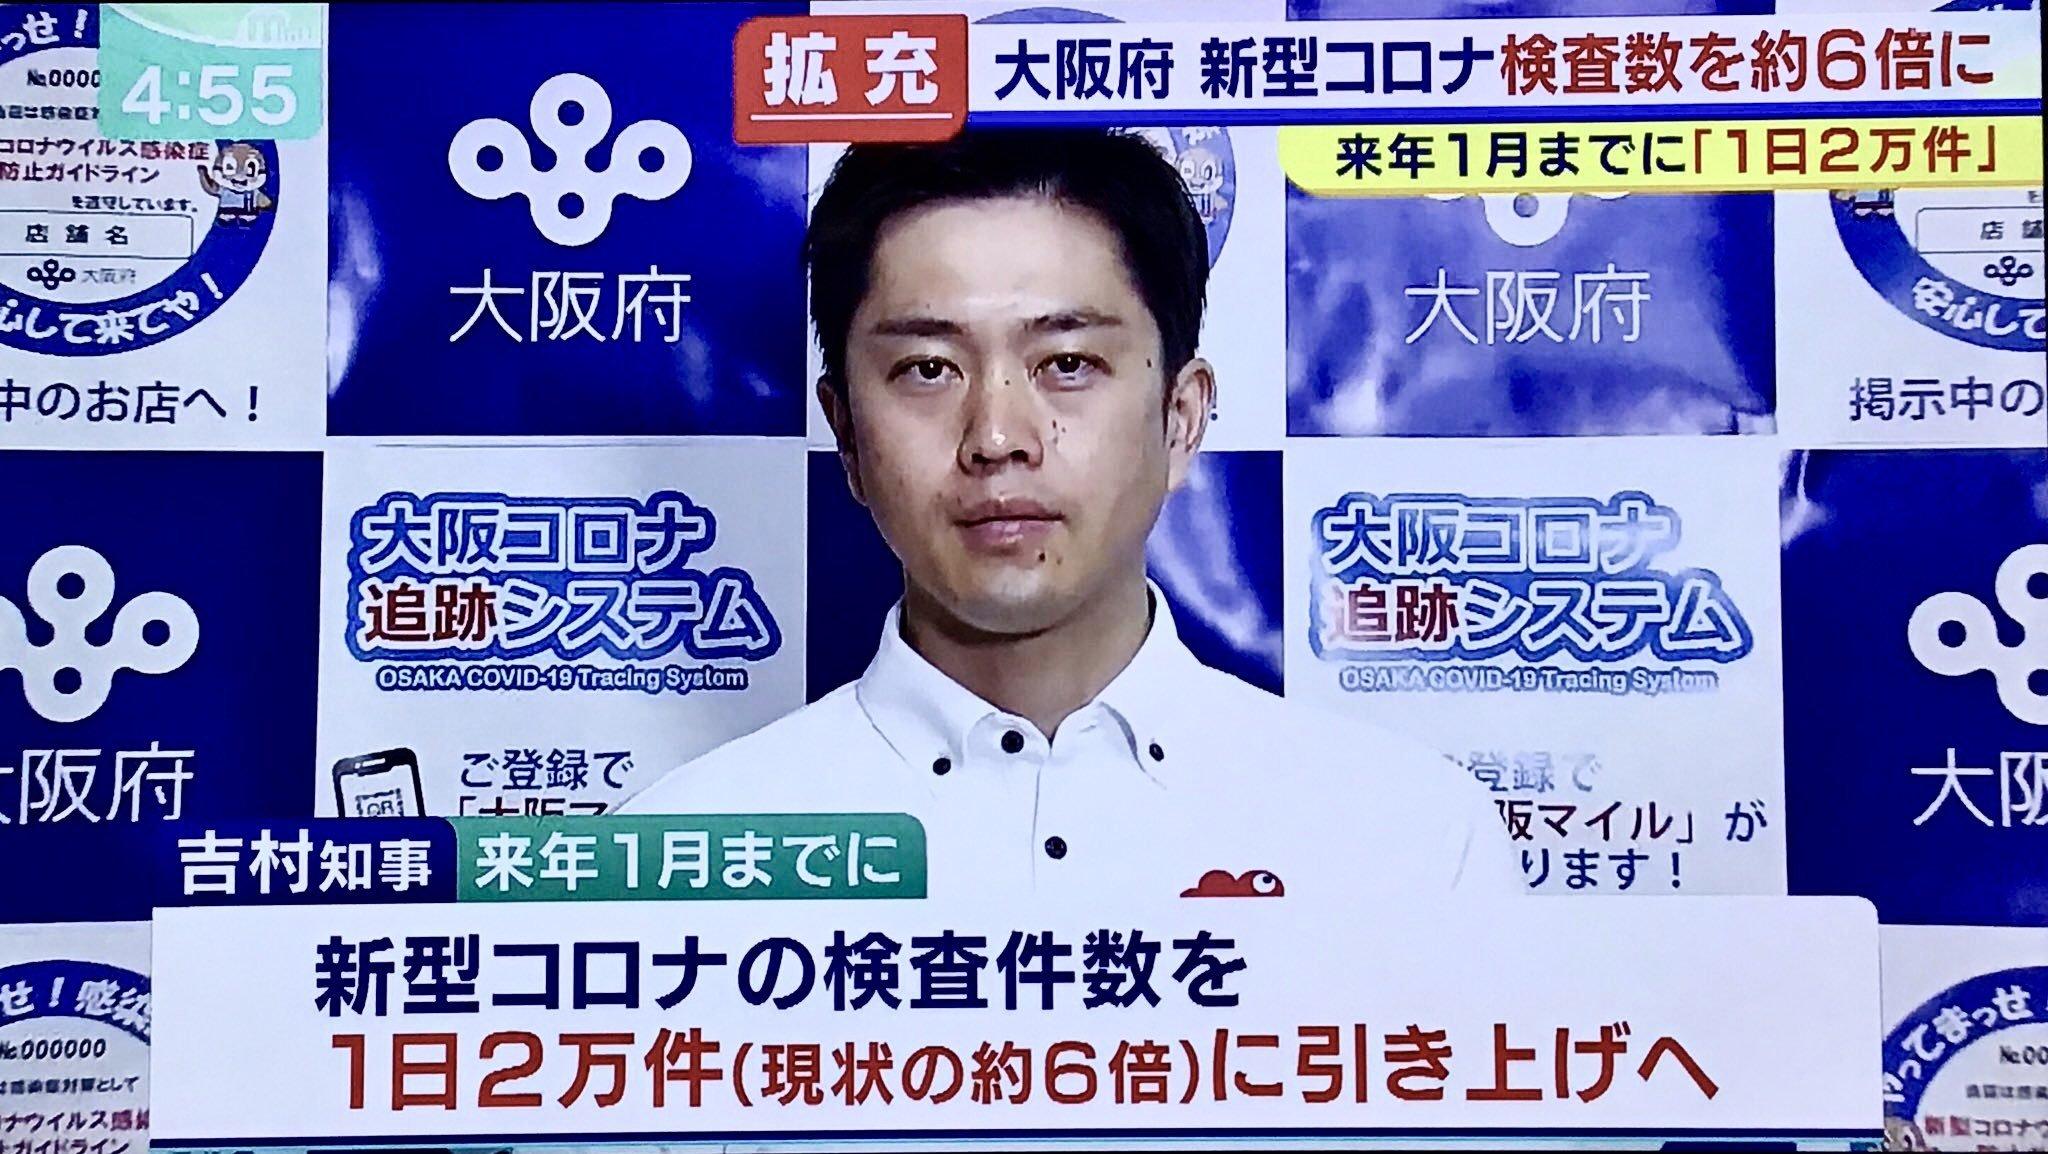 NHKはグラフ一つまともに作れないらしい_d0044584_10262372.jpg